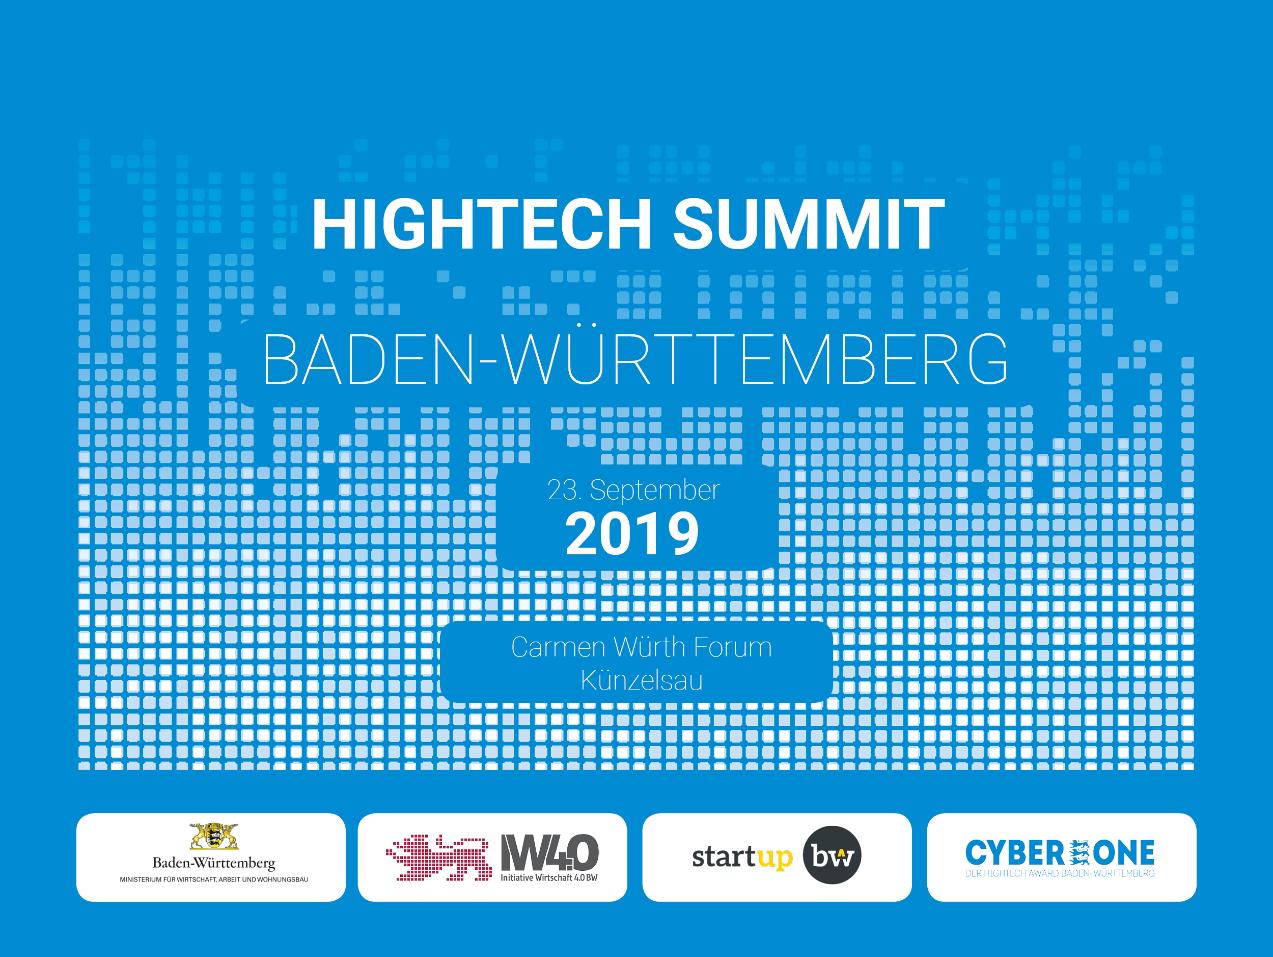 Das Bild zeigt die Veranstaltungsankündigung des Hightech Summit Baden-Württemberg am 23. September 2019 in Künzelsau mit den vier Logos der Veranstalter: Land Baden-Württemberg, Initiative Baden-Württemberg 4.0, startup Baden-Württemberg und CyberOne.